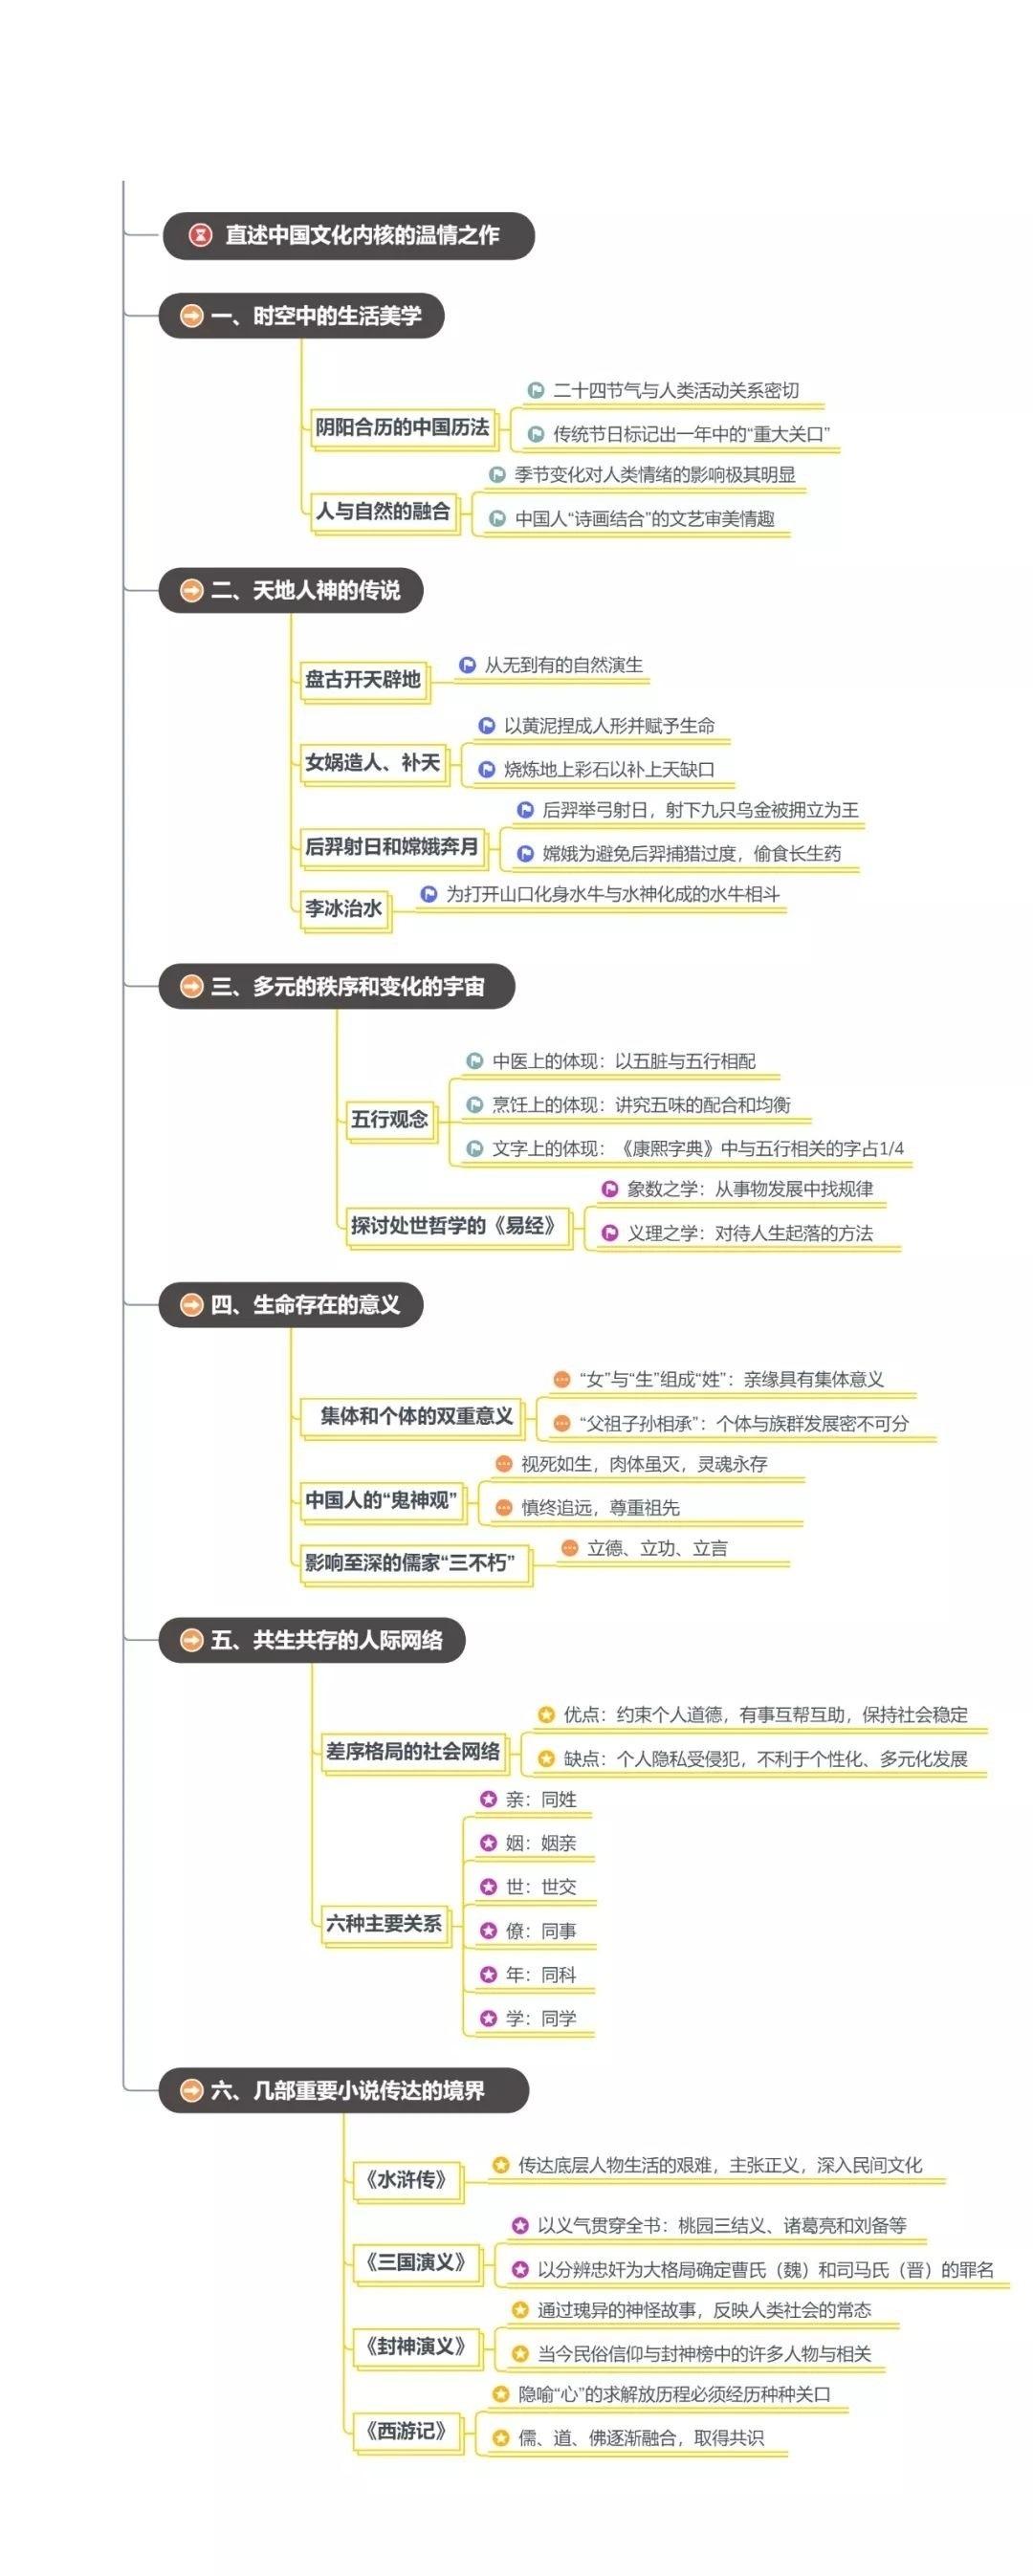 中国文化的精神思维导图